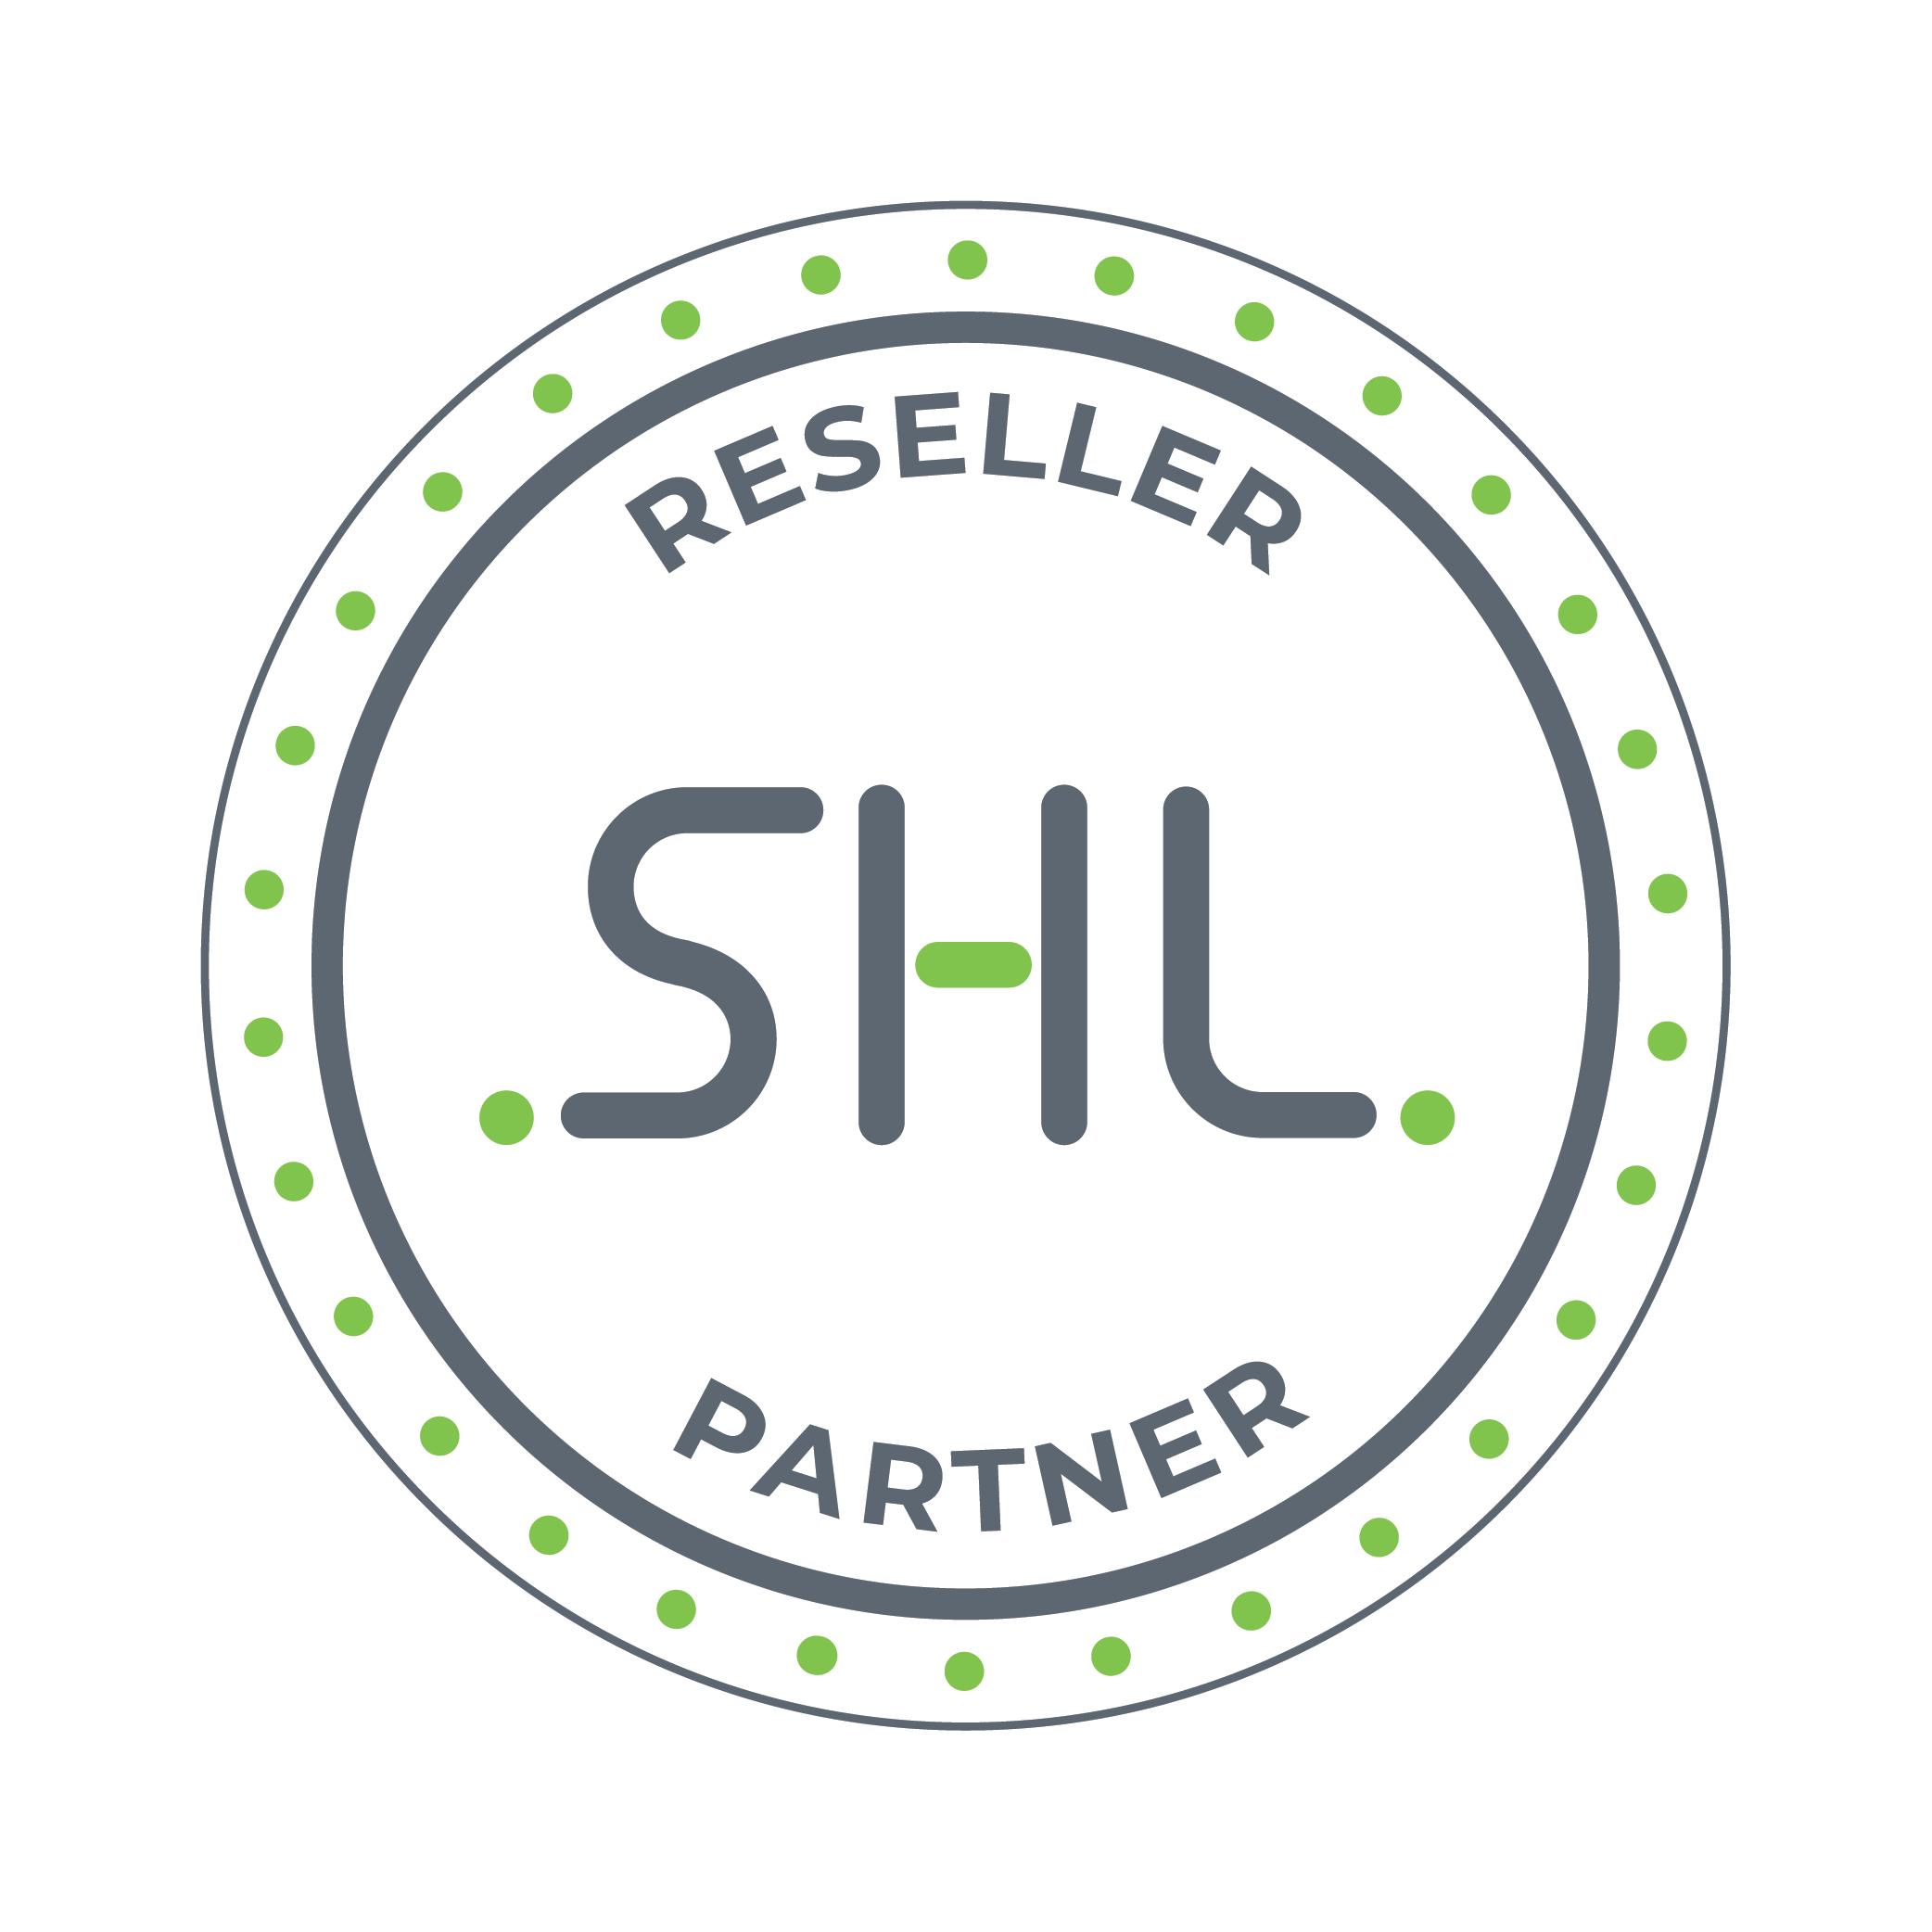 The SHL Reseller Partner logo